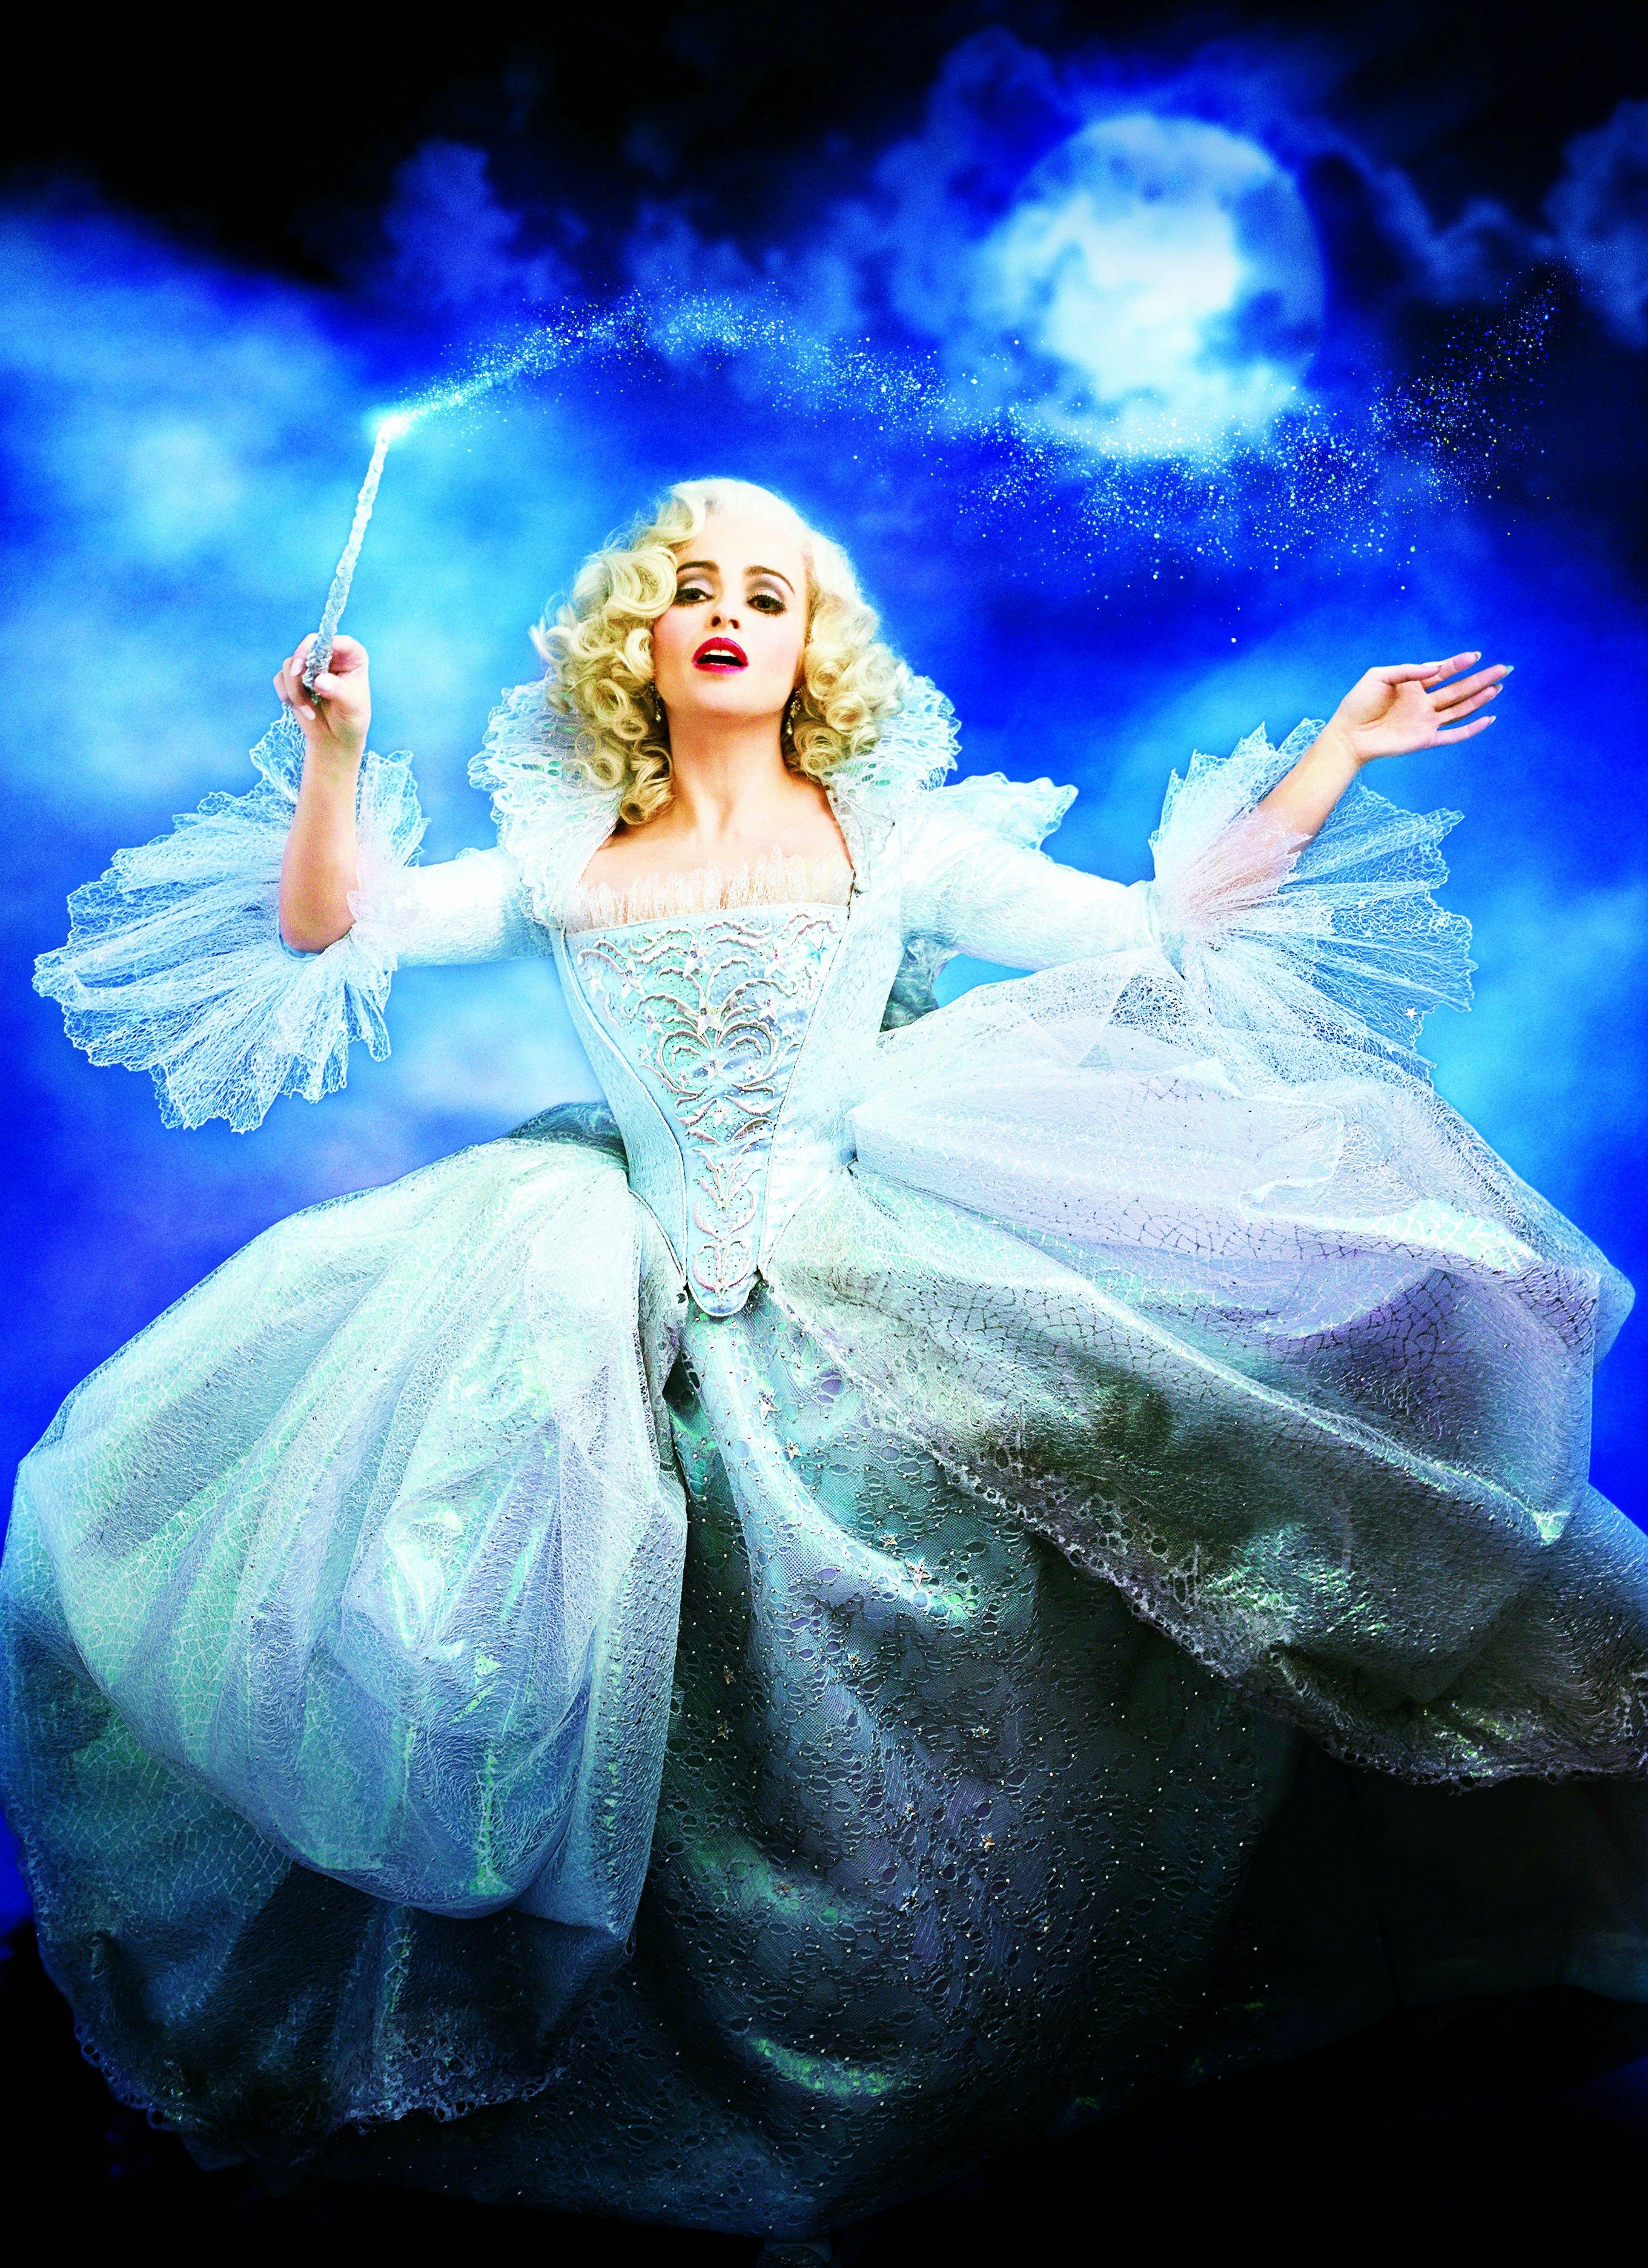 Pin By Veronika Hladova On Cinderella Cinderella Fairy Godmother